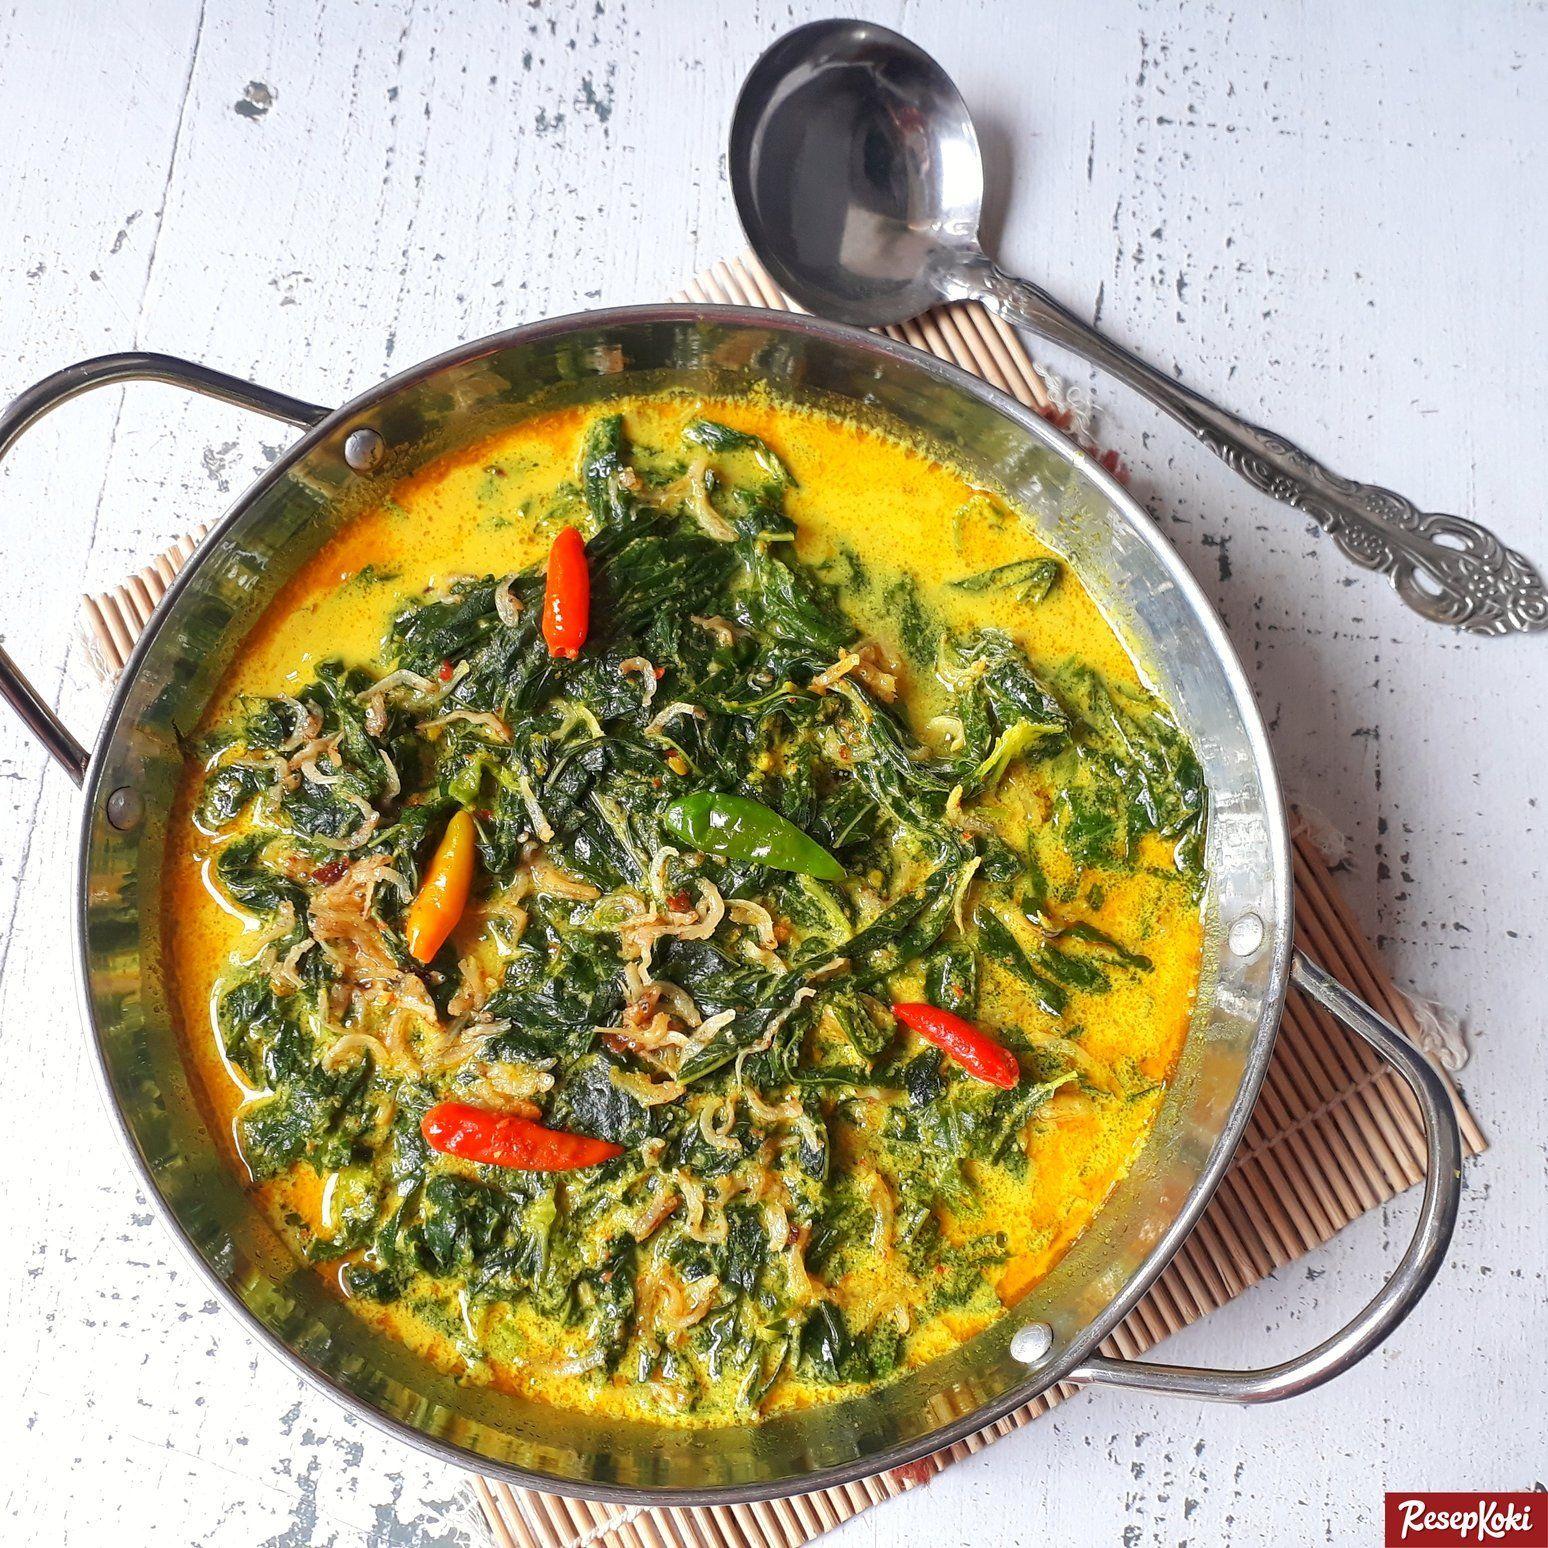 resep gulai daun singkong resep   resep makanan sehat resep gulai Resepi Sambal Goreng Minang Enak dan Mudah